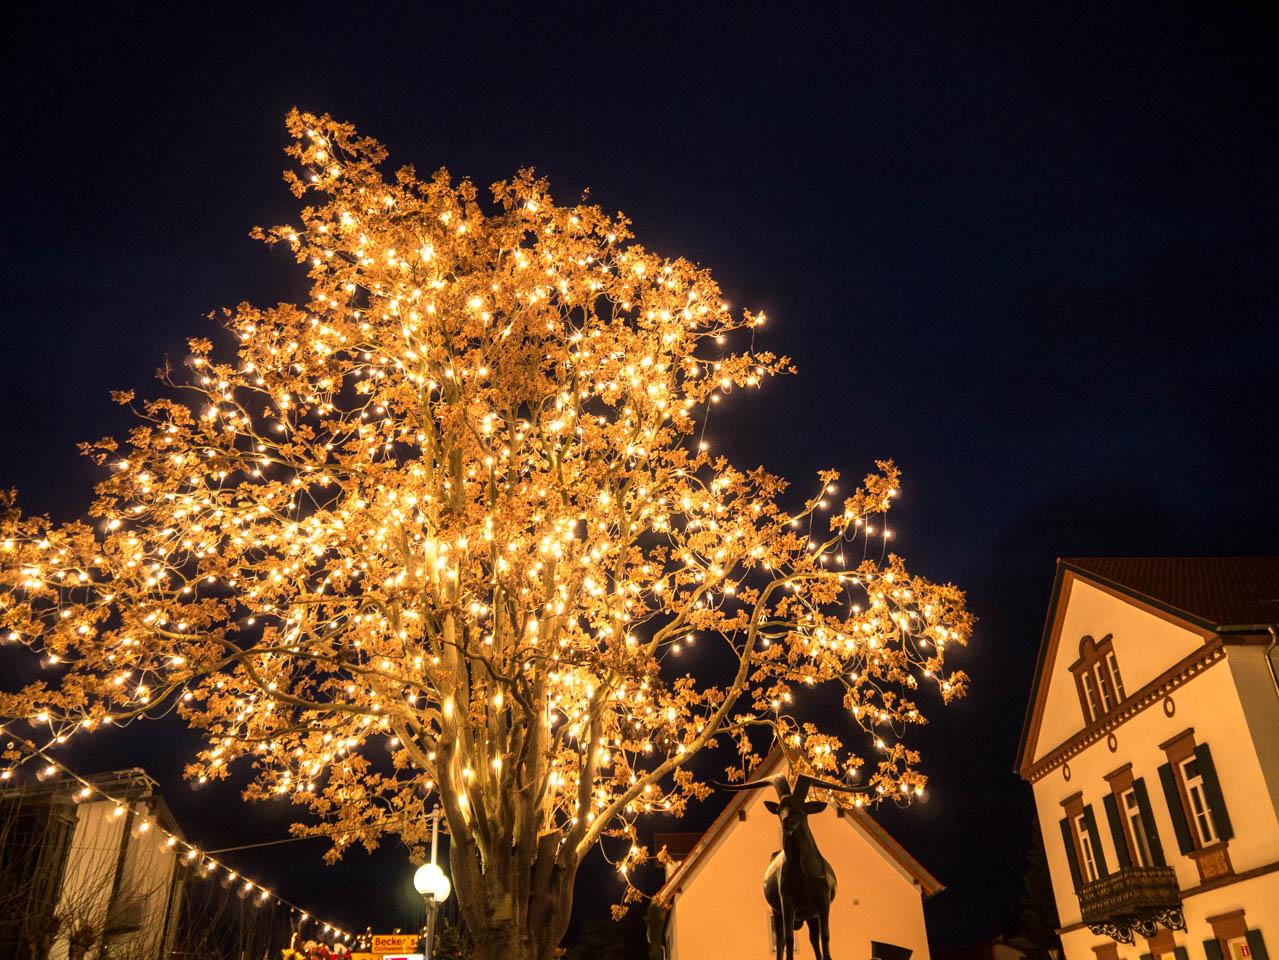 leuchtender Baum (1 von 1)